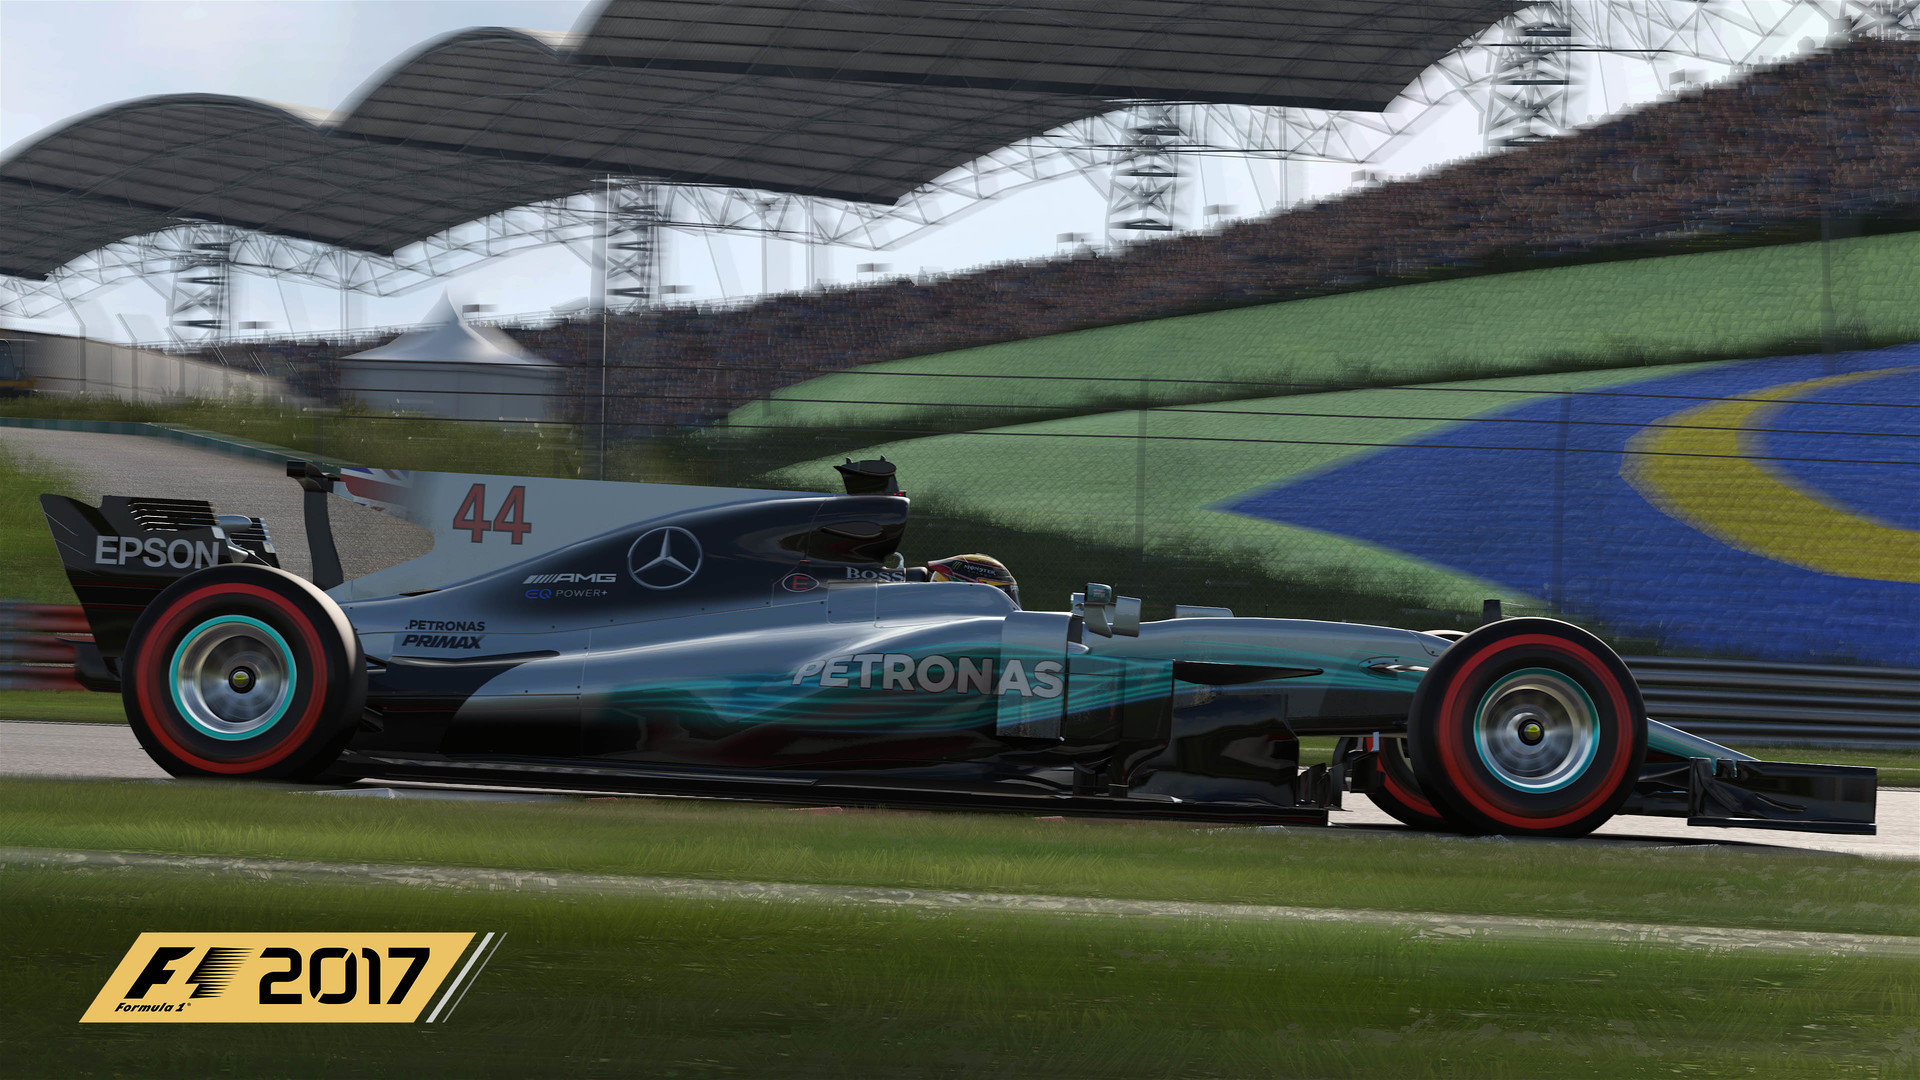 Sezonowa aktualizacja F1 2017 już dostępna